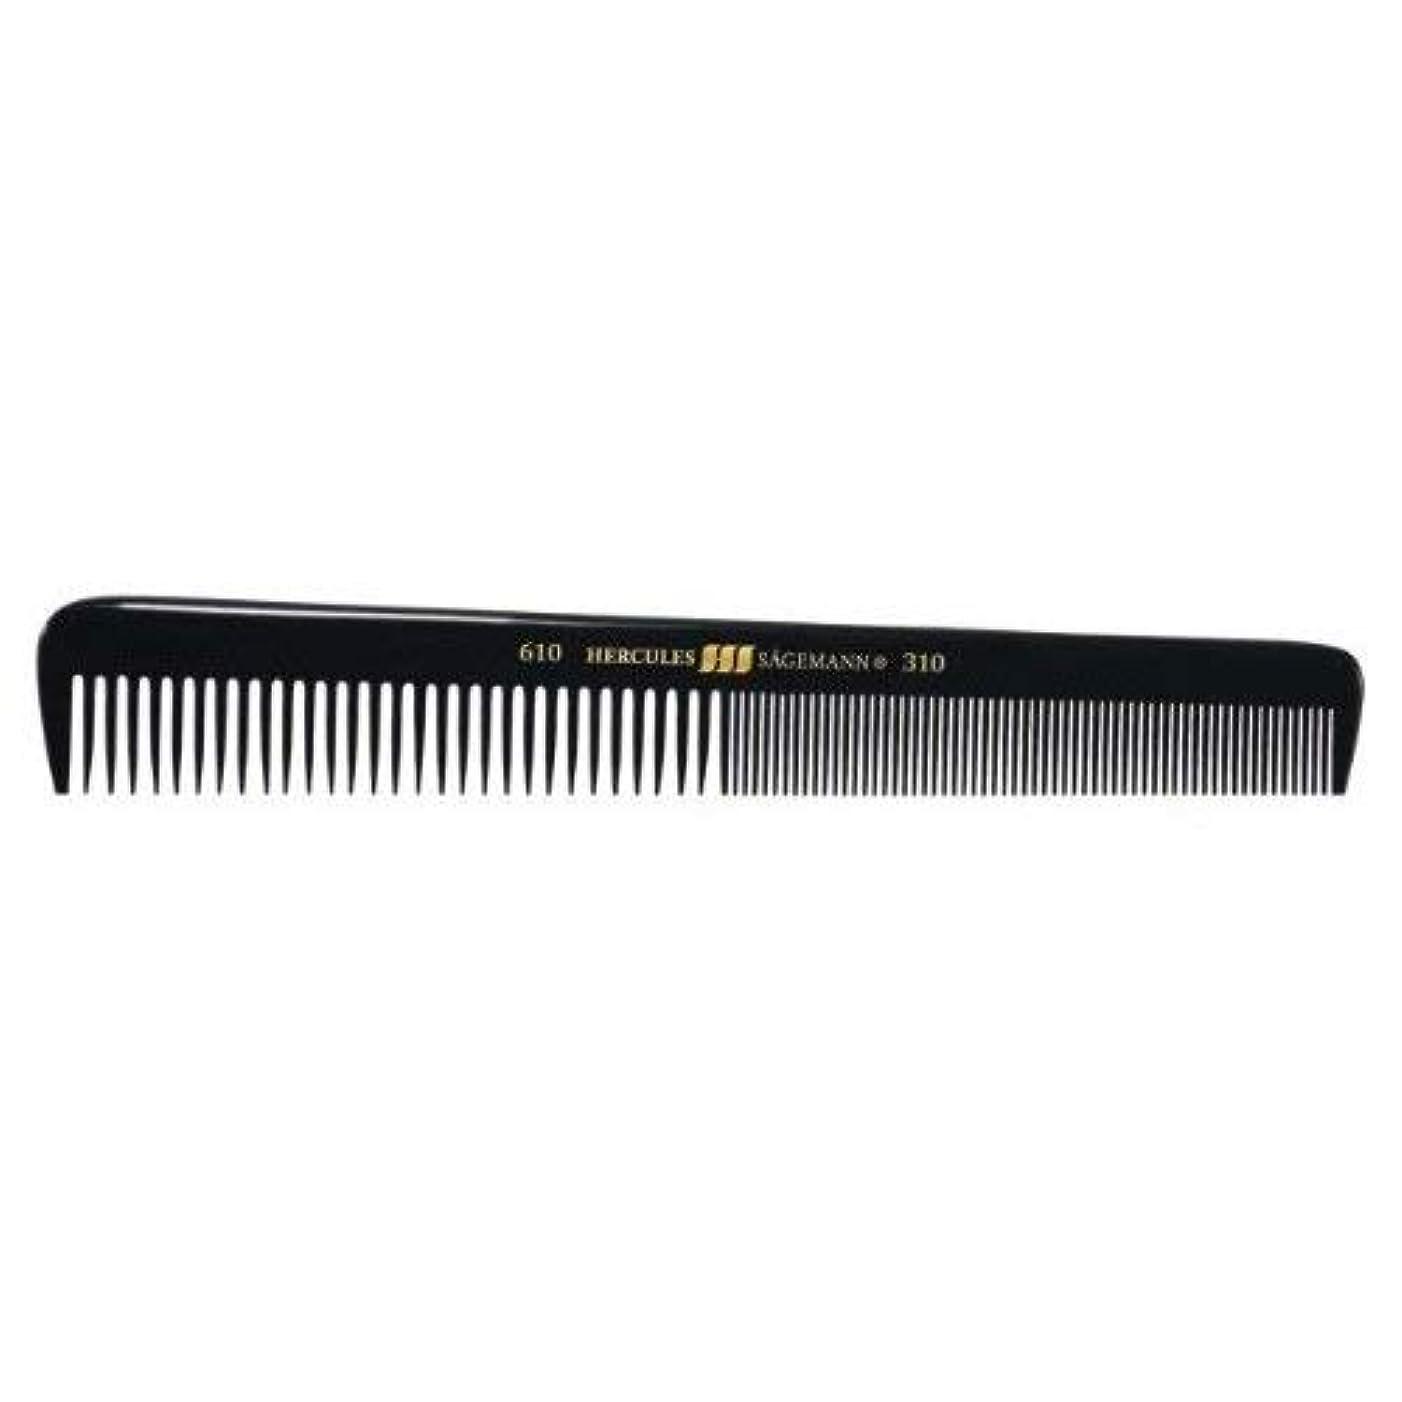 連鎖ボタン証言Hercules S?gemann Gents Comb for short hair   Ebonite - Made in Germany [並行輸入品]